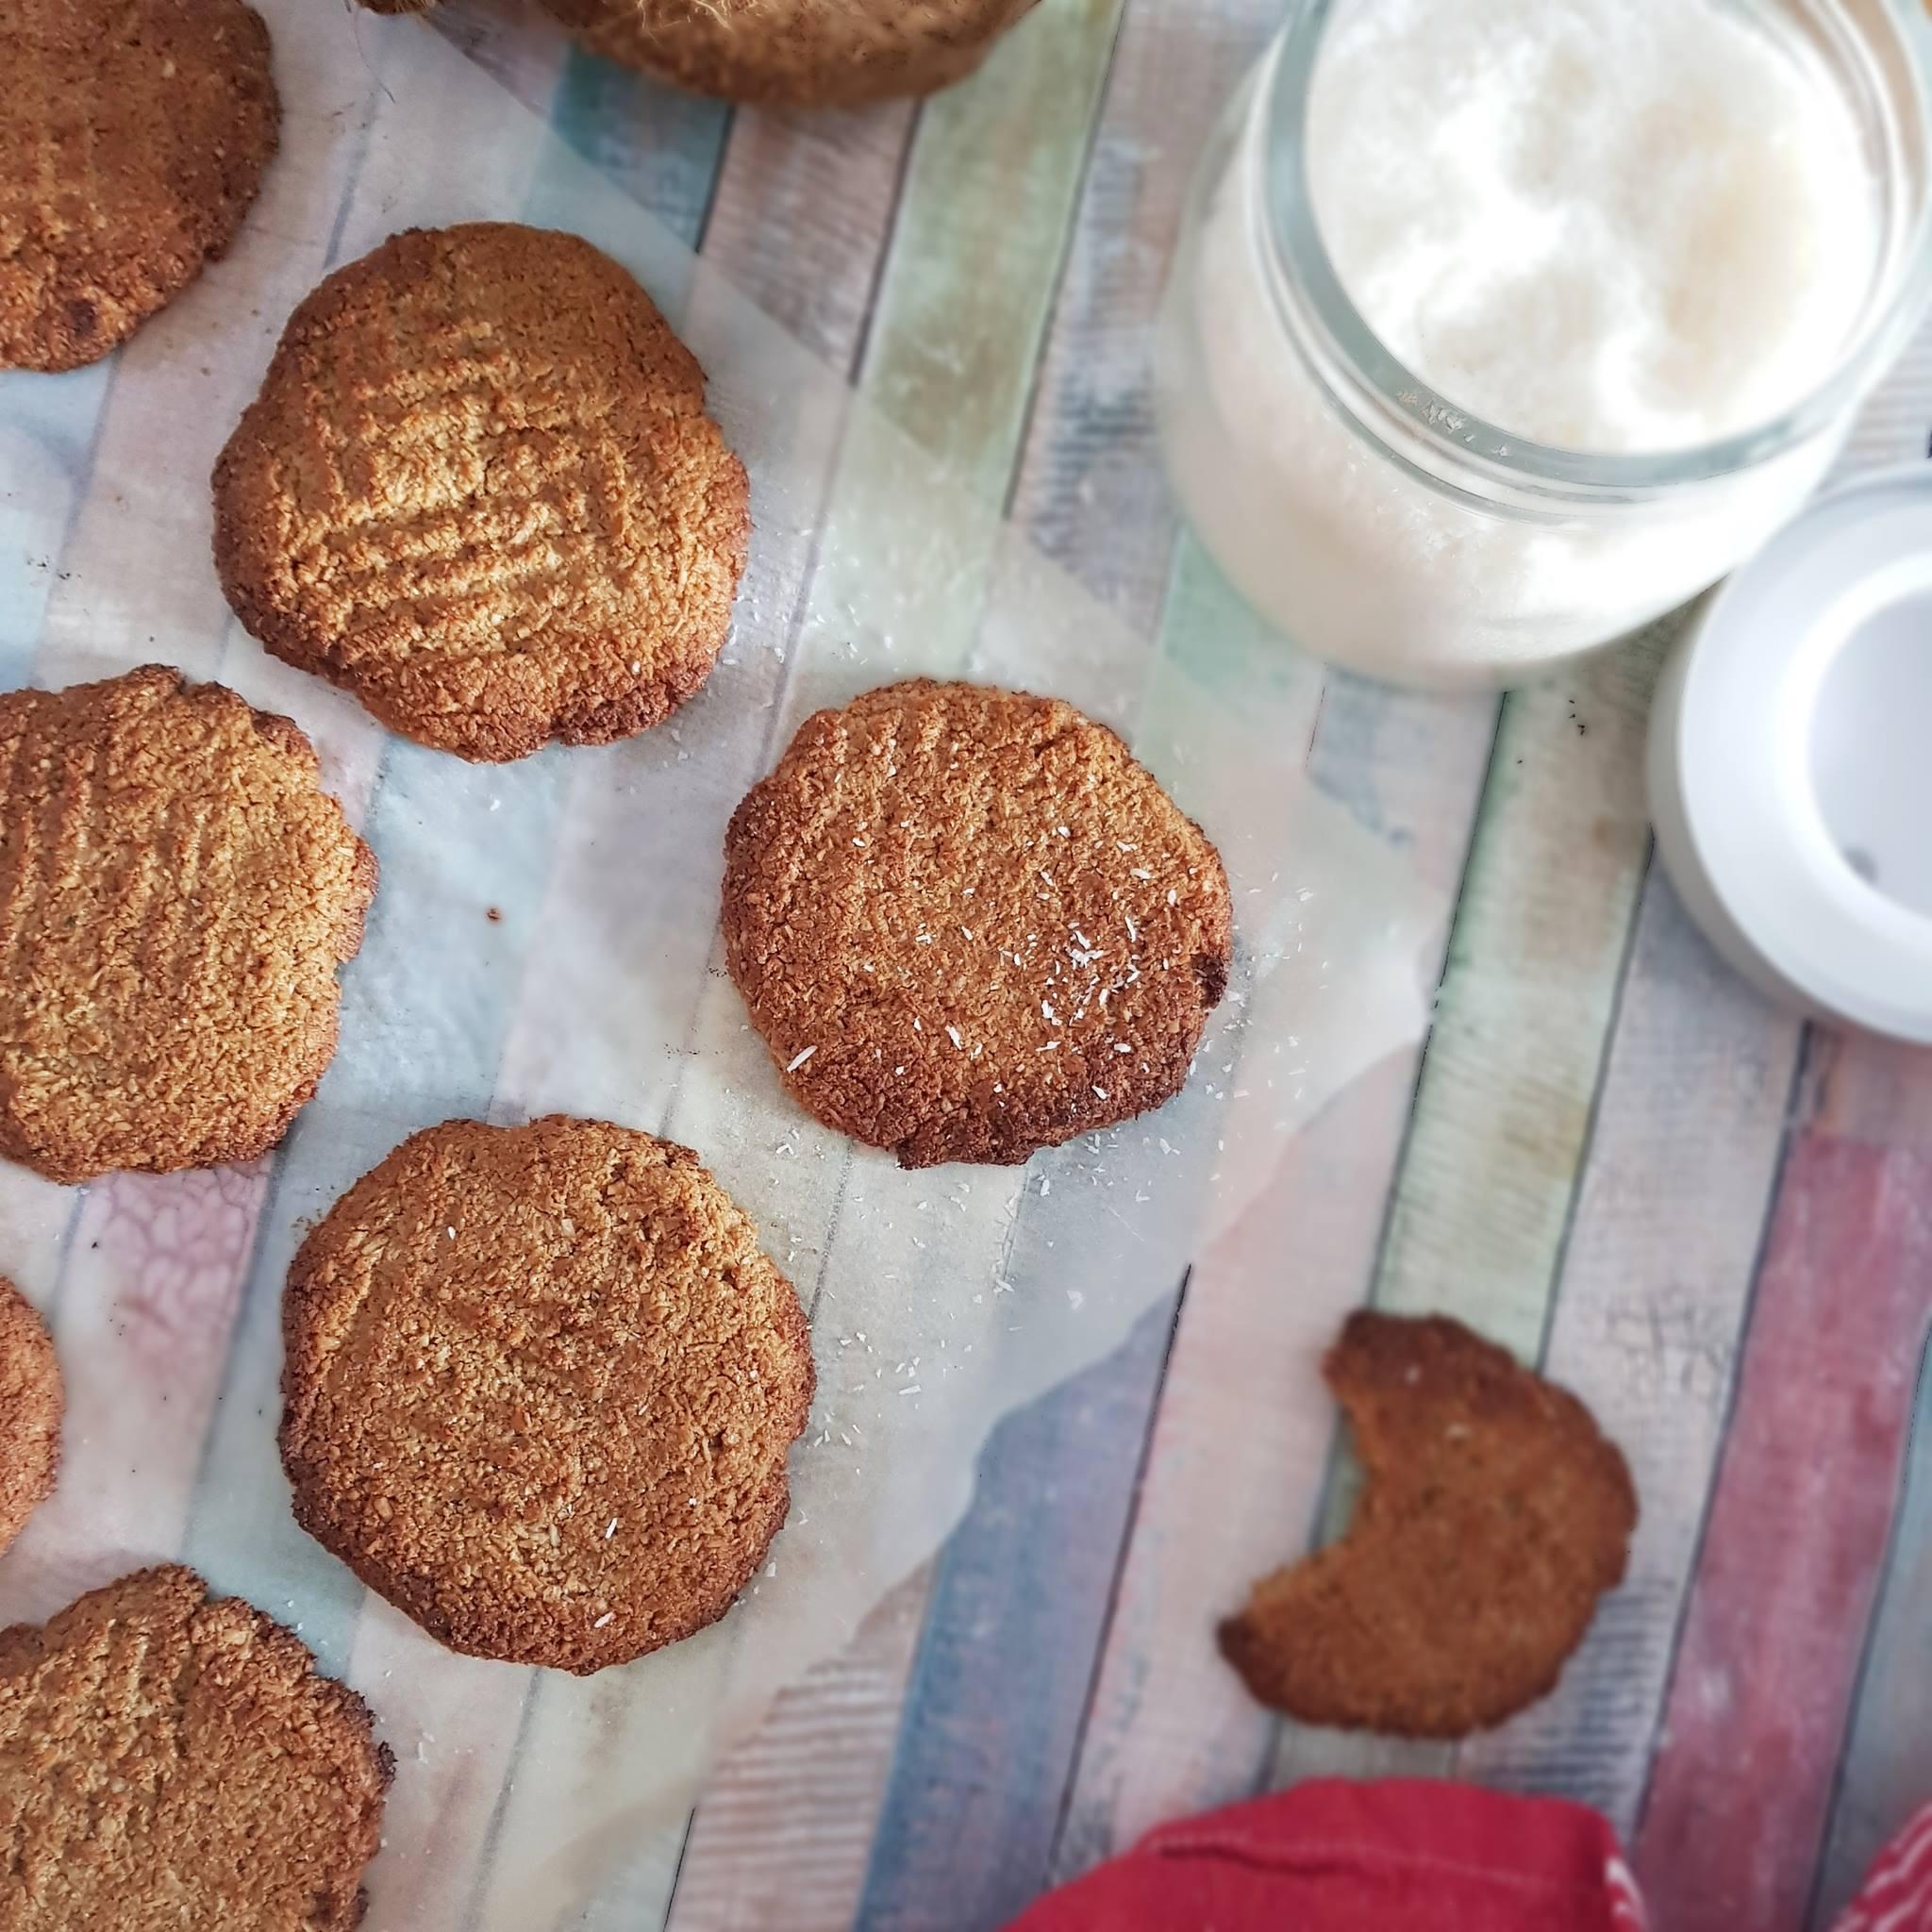 Macarons antillais au coco, la recette saine.